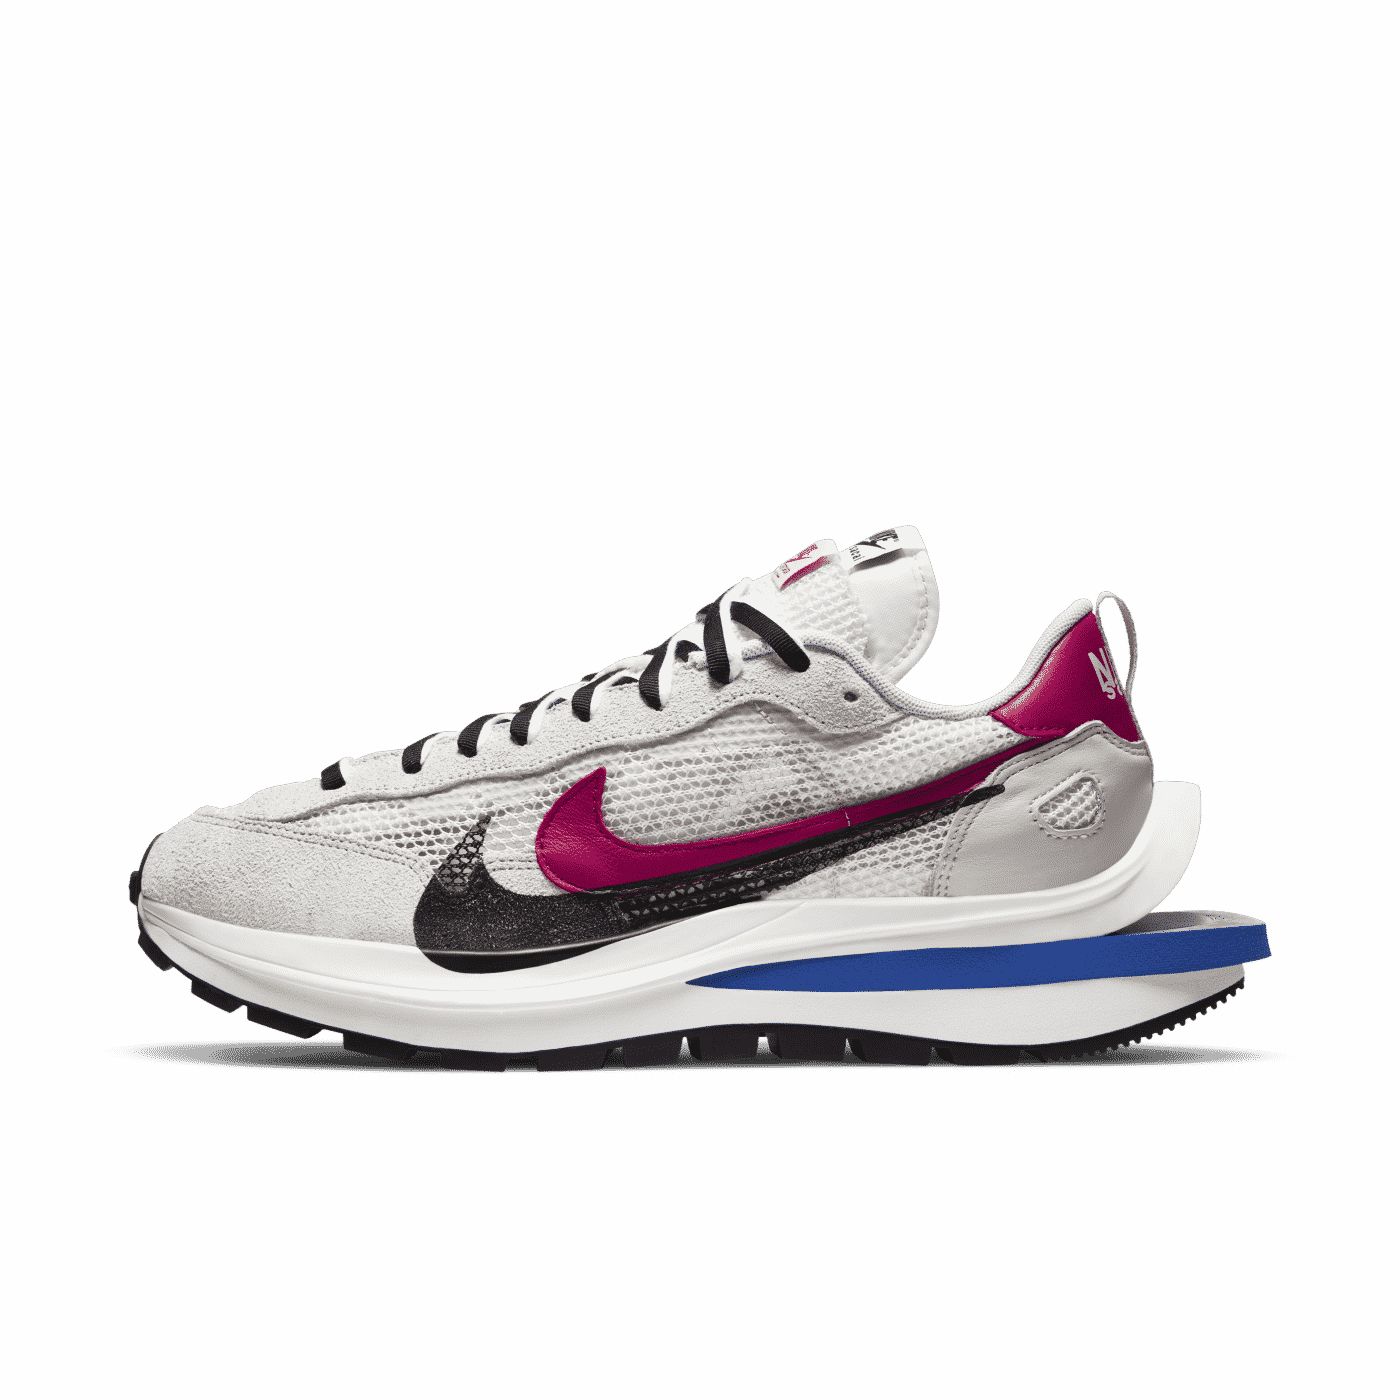 Nike_sacai_Vaporwaffle_beige_3